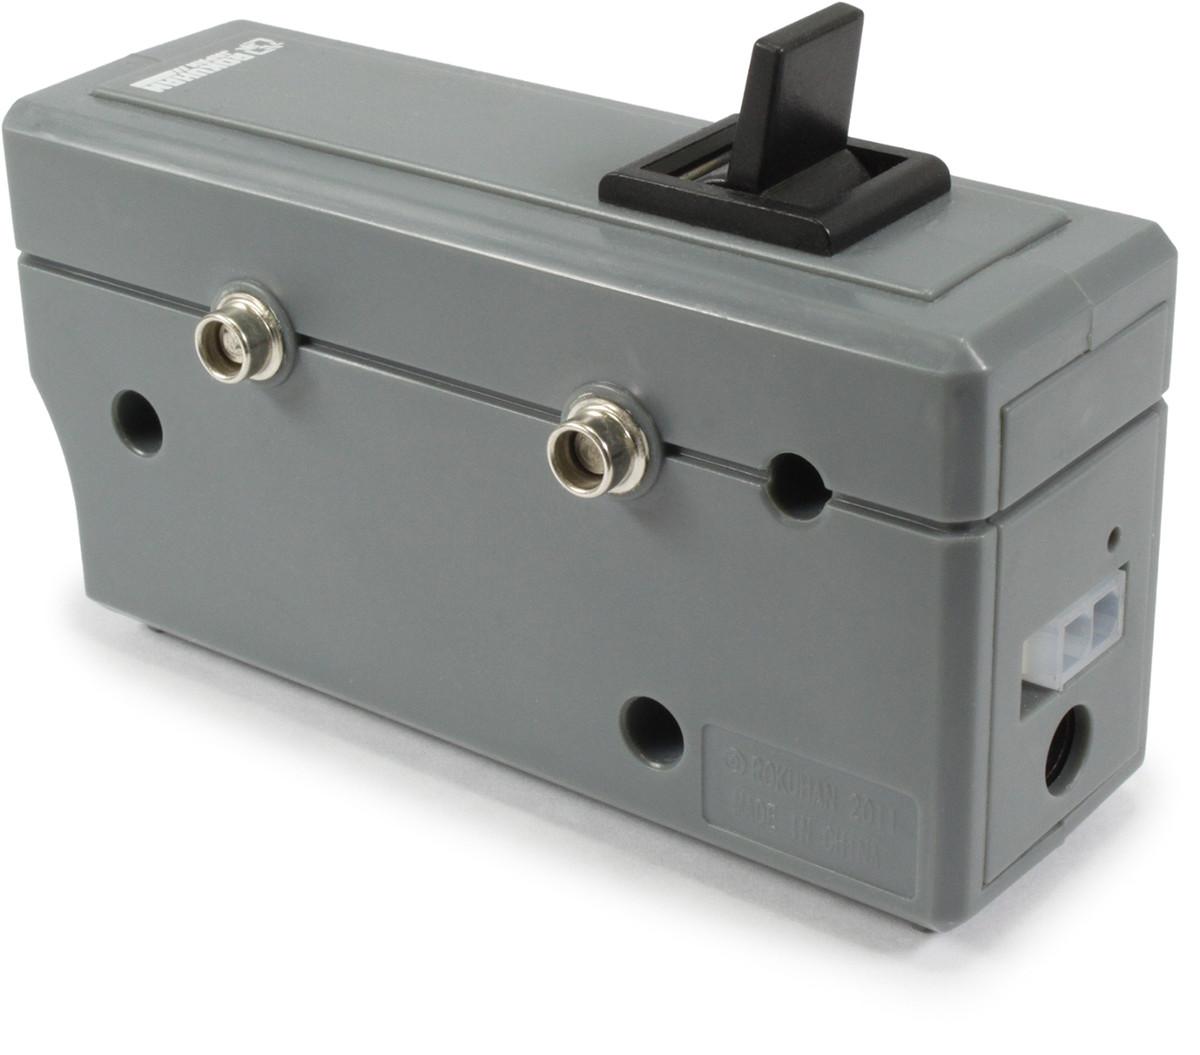 C002 ポイント切り替えスイッチ